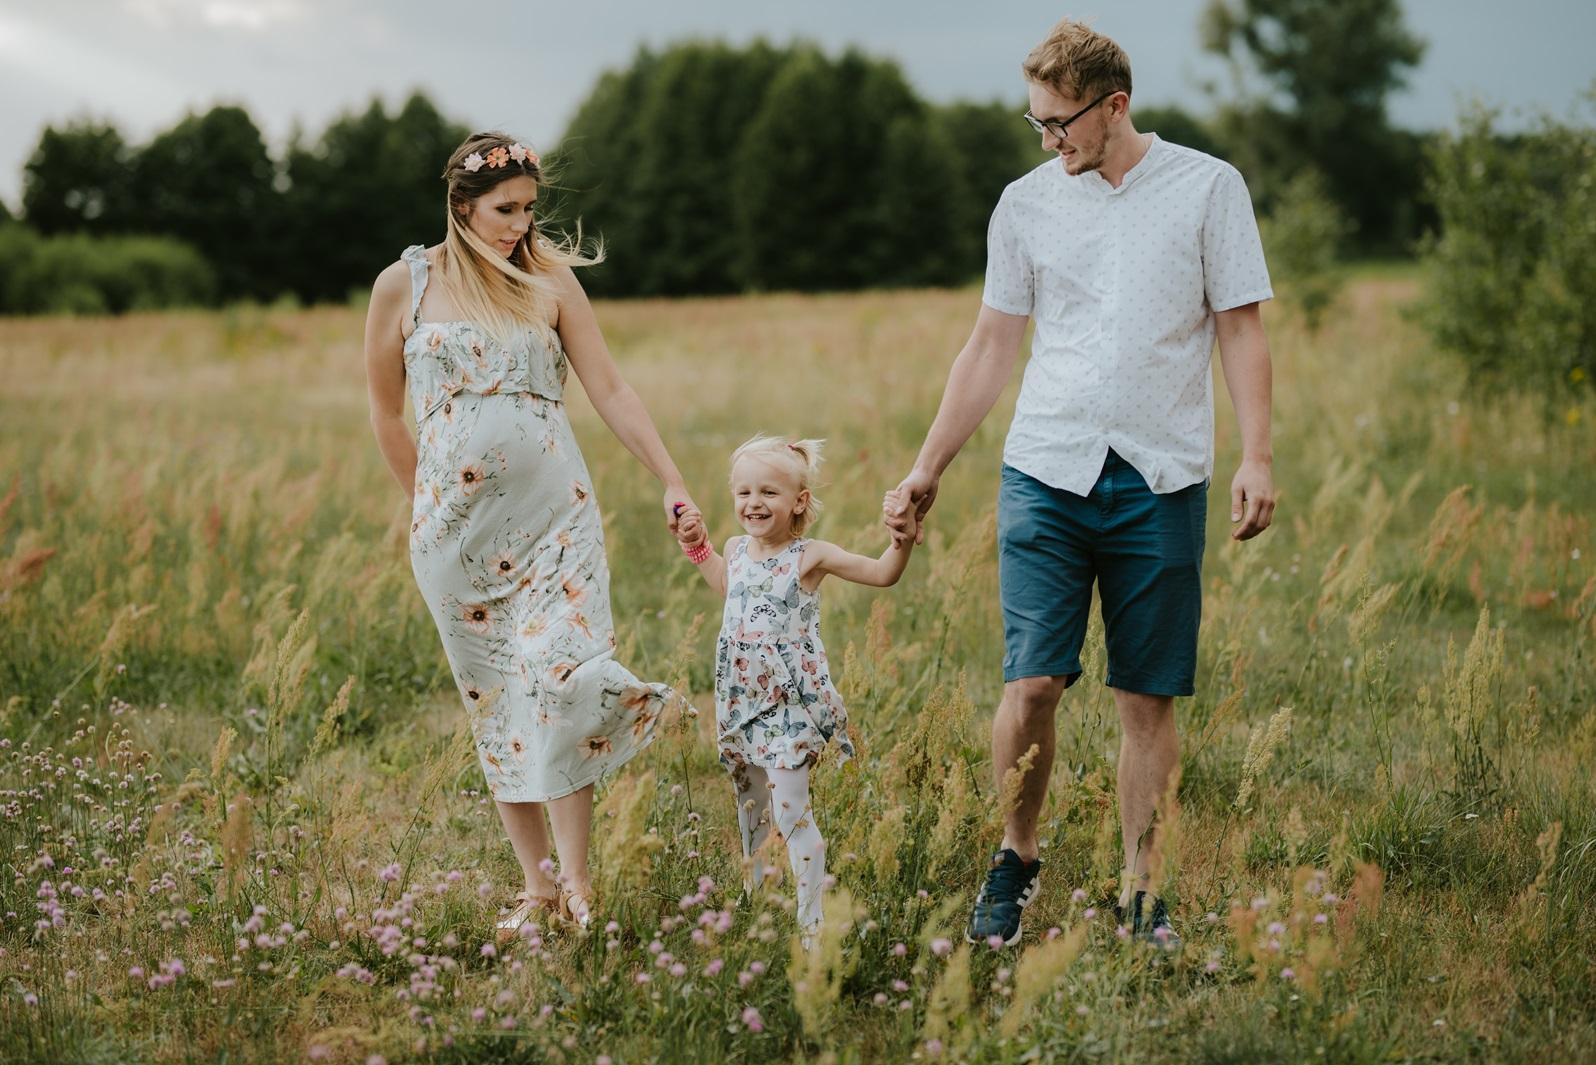 Zdjęcia rodzinne, sesja ciążowa, sukienka w kwiaty, zdjęcia dziecka